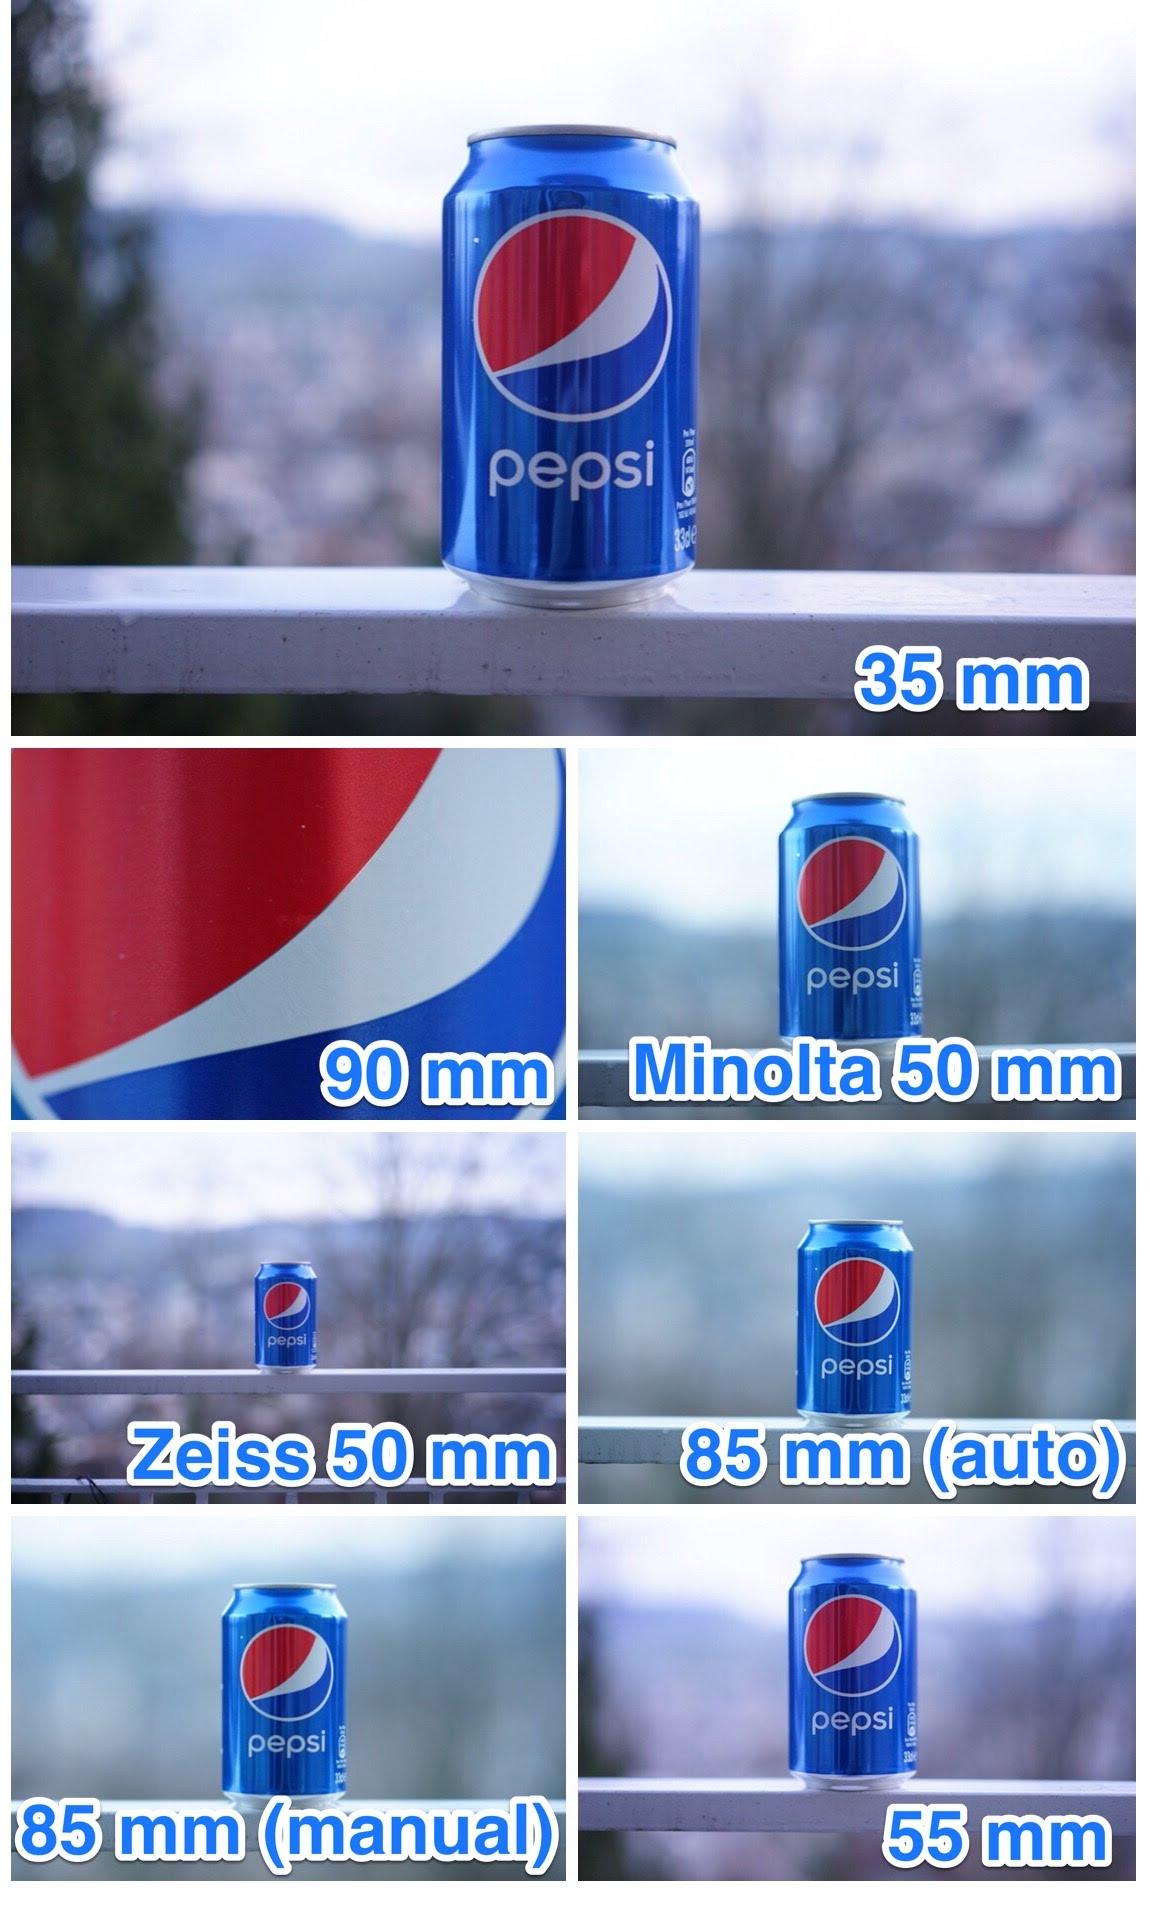 the minimum focus distances of different lenses